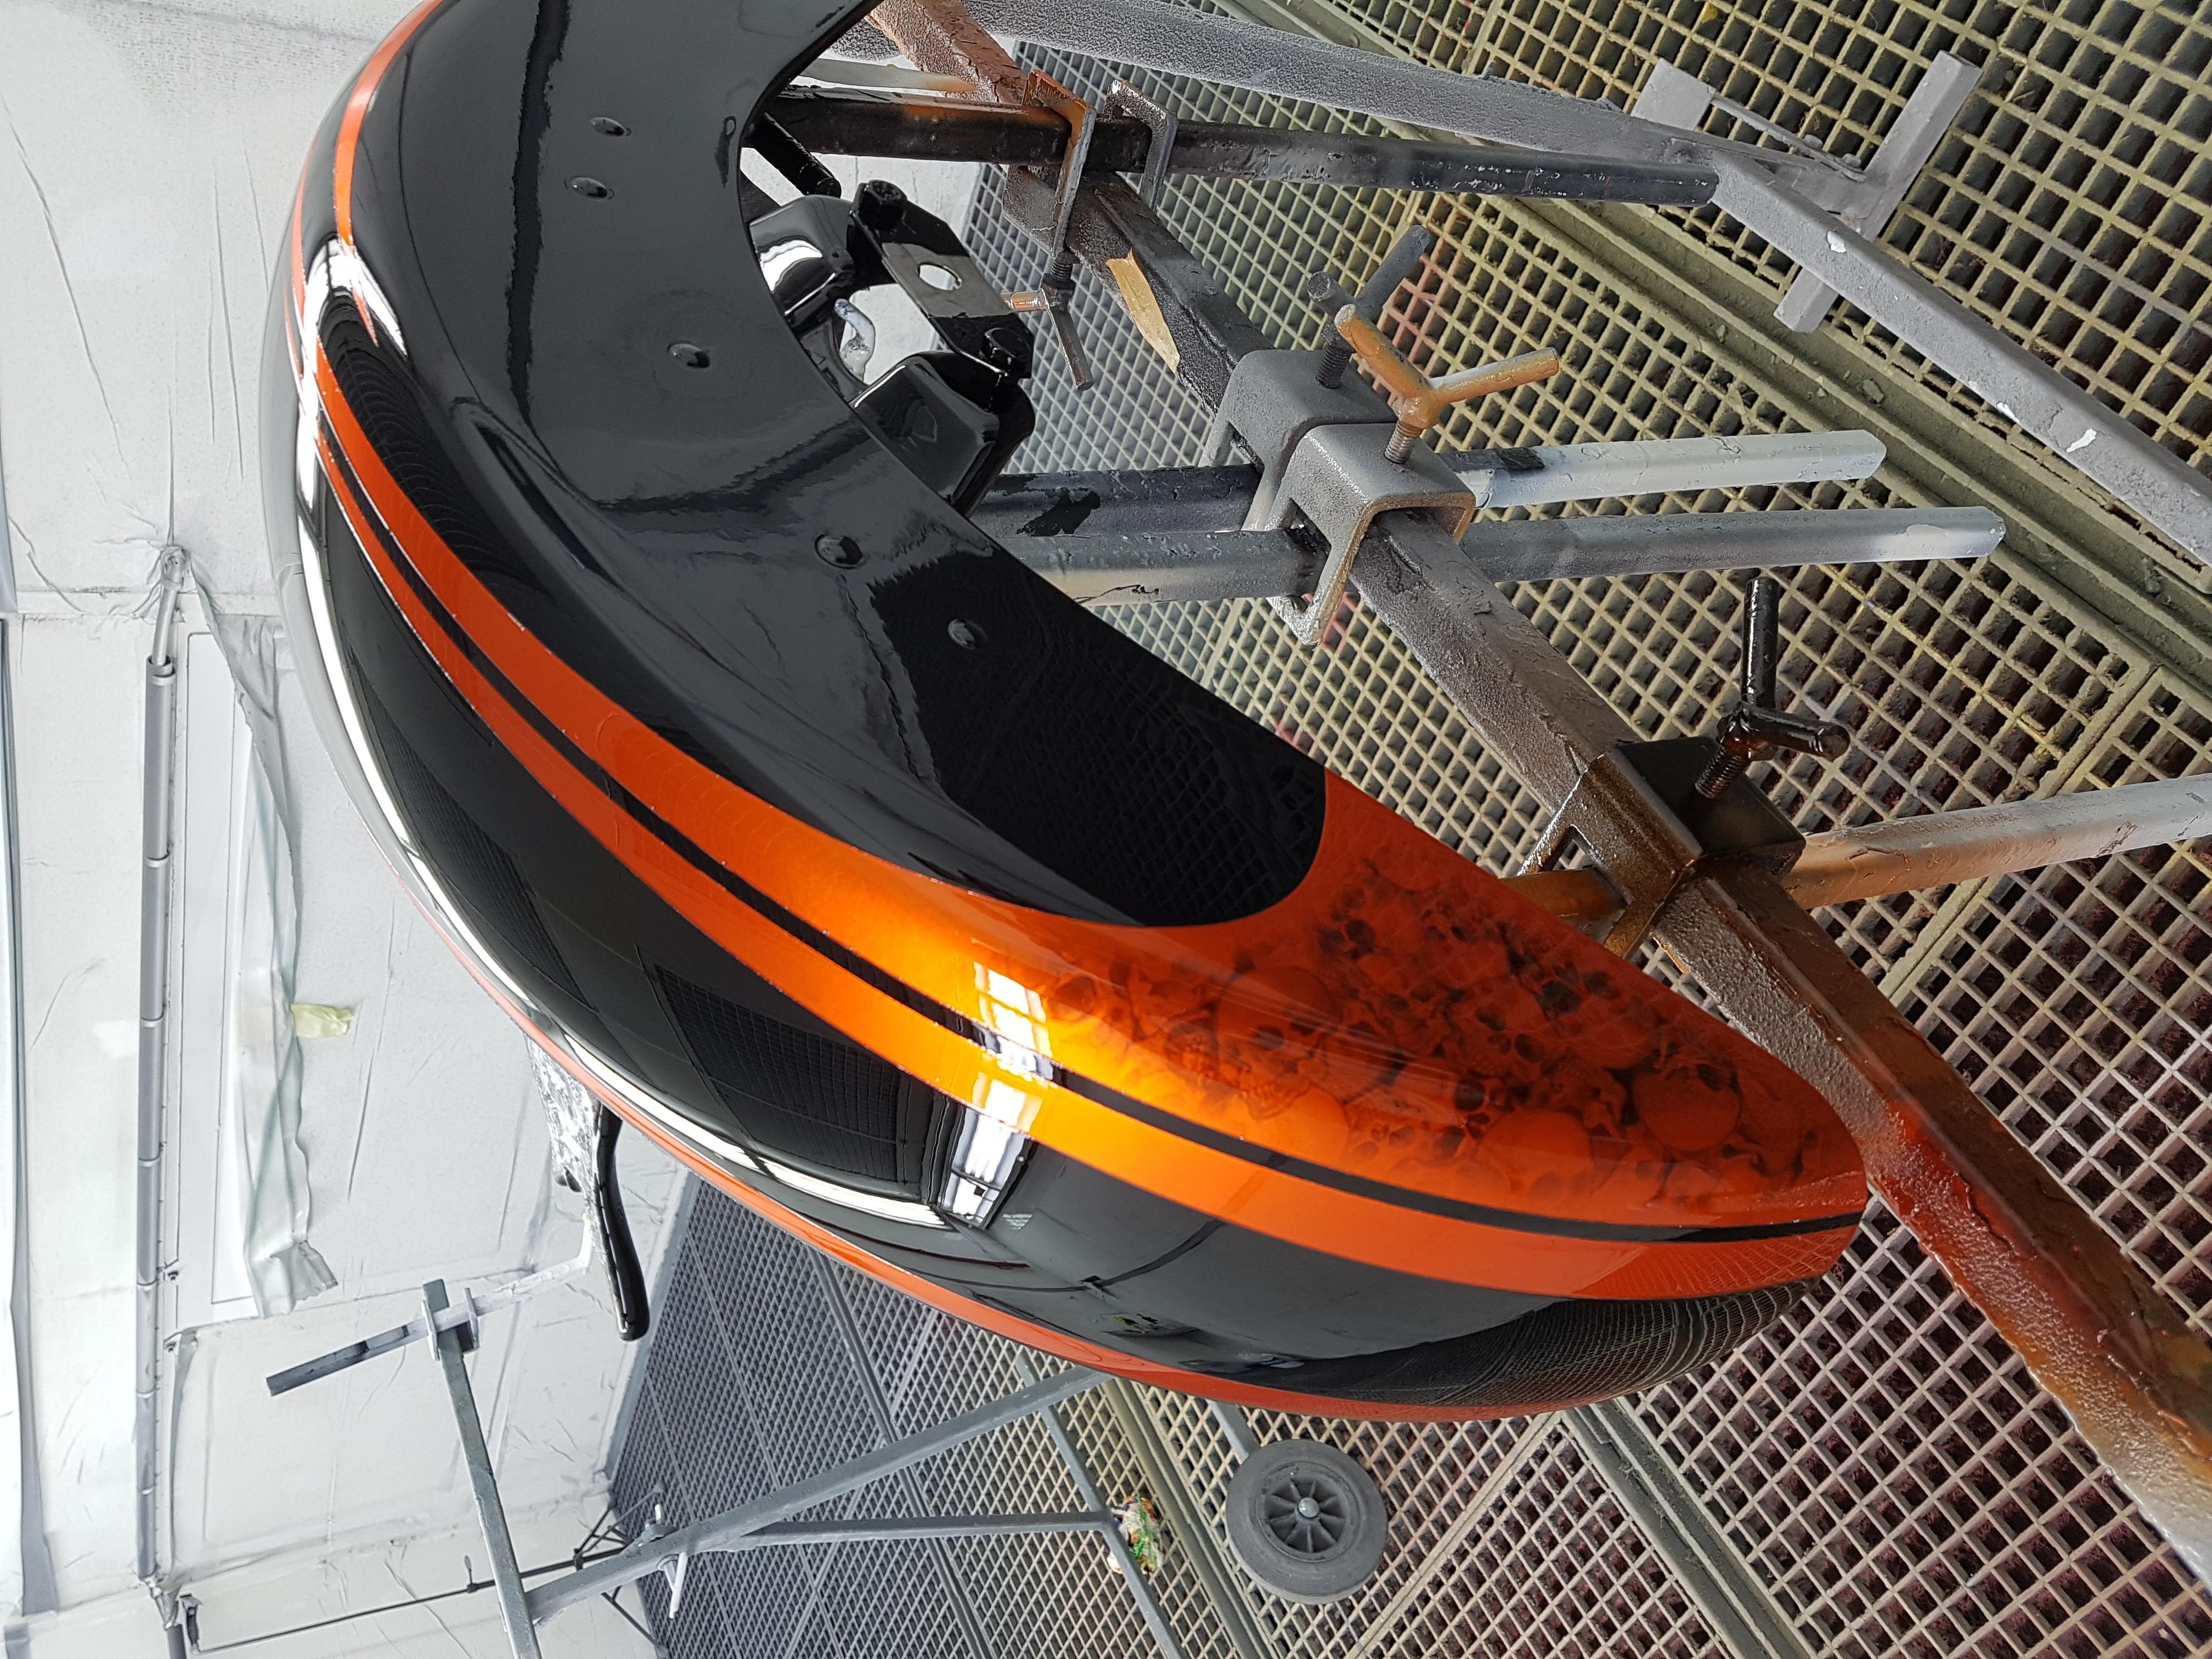 Harley-Davidson Frontfender